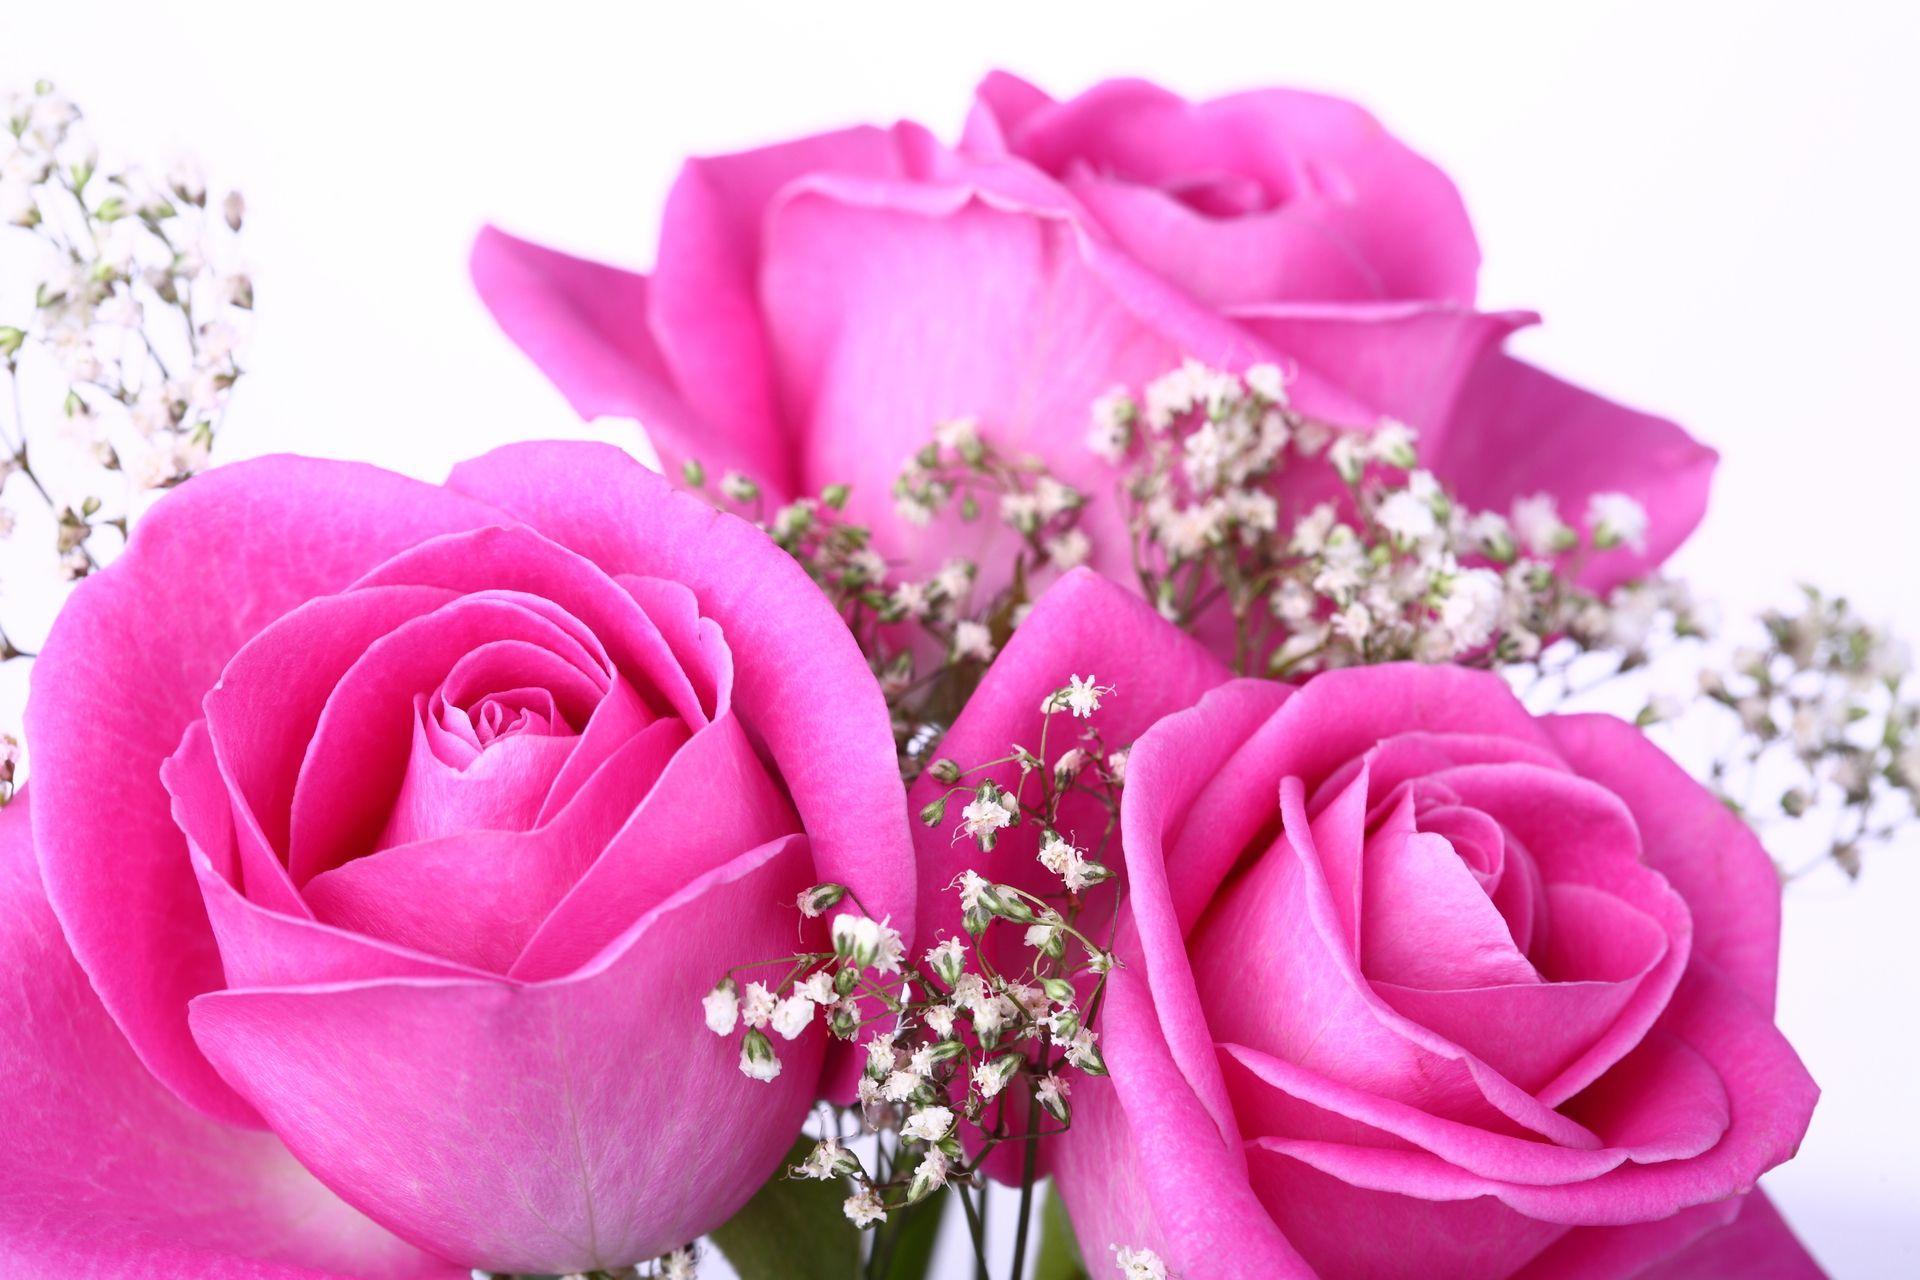 Beautiful Pink Roses Wallpapers For Desktop - Wallpaper Cave